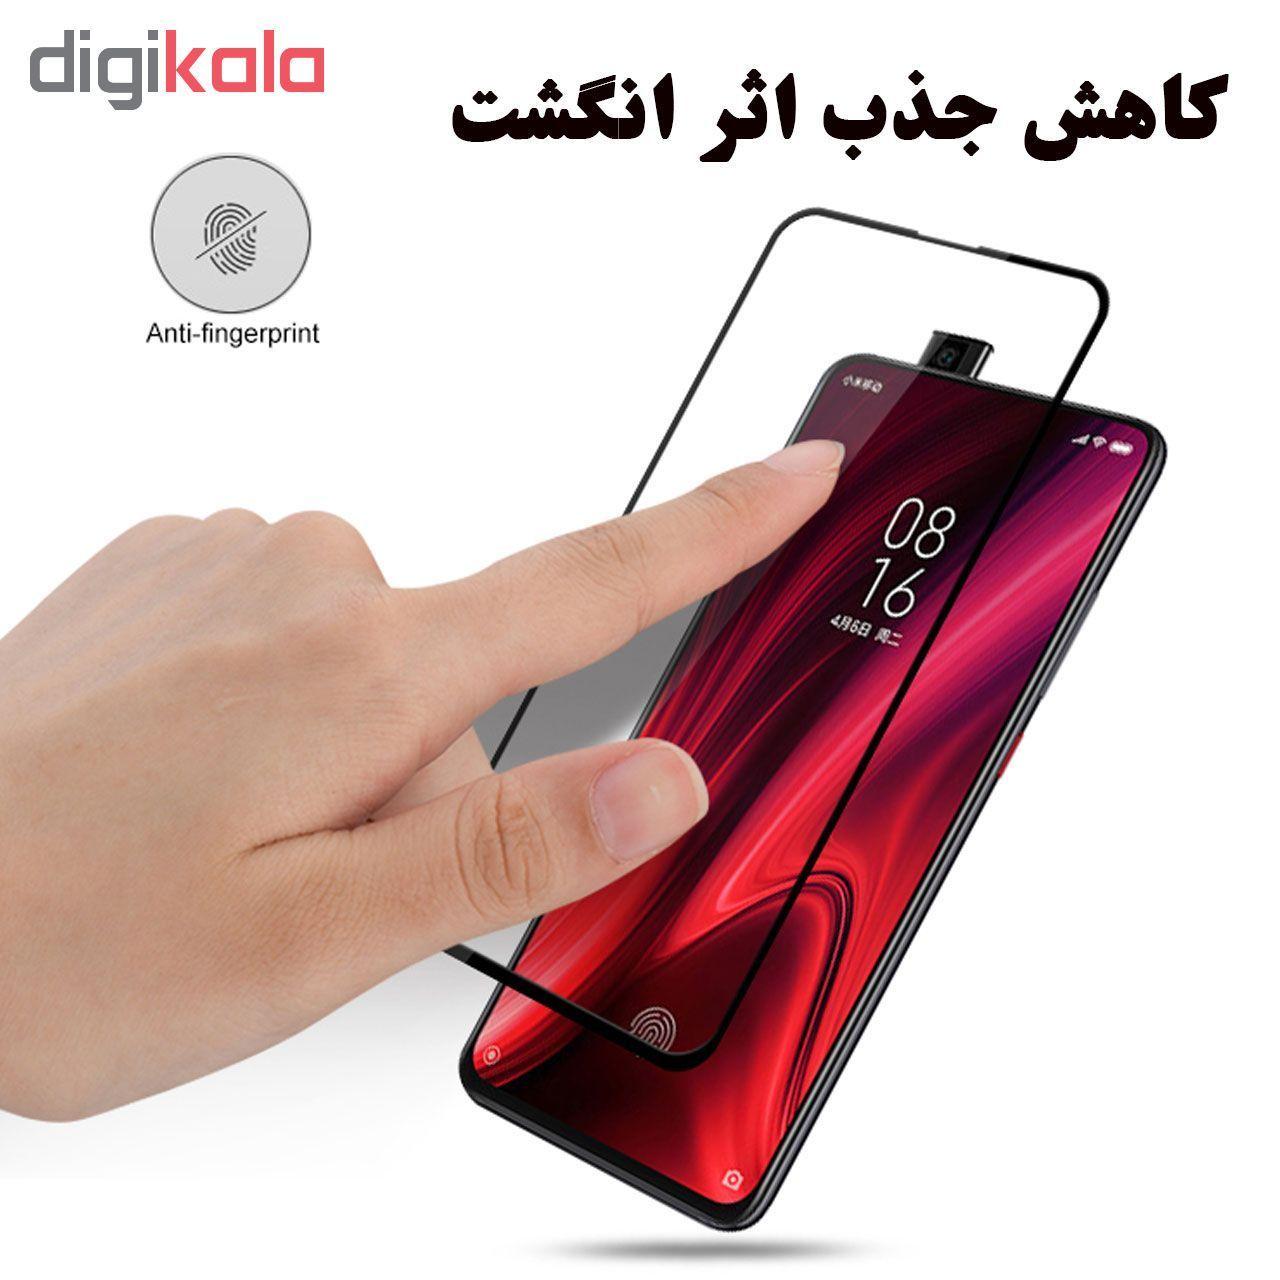 محافظ صفحه نمایش تراستکتور مدل GSS مناسب برای گوشی موبایل شیائومی Redmi K20 بسته 2 عددی main 1 4